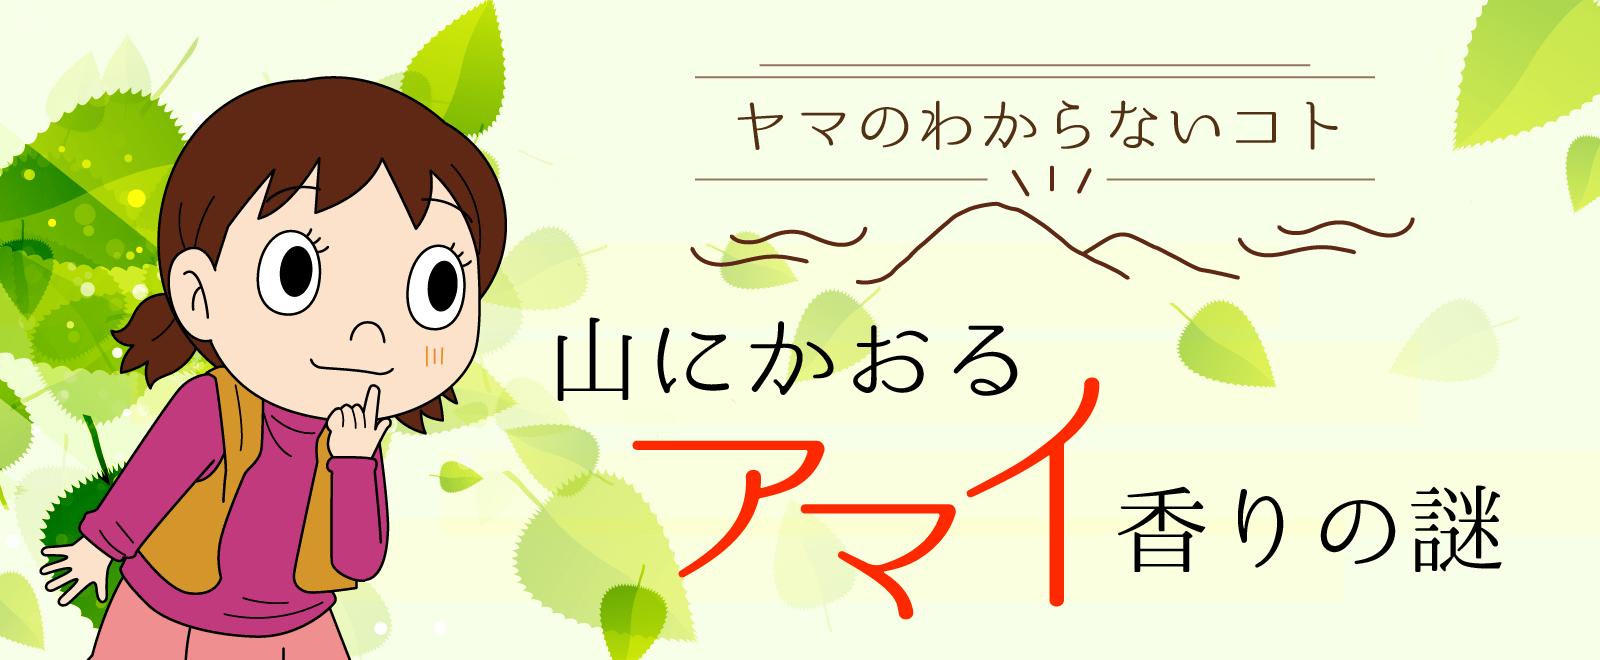 山に香る甘い匂いの正体は桂の木タイトル